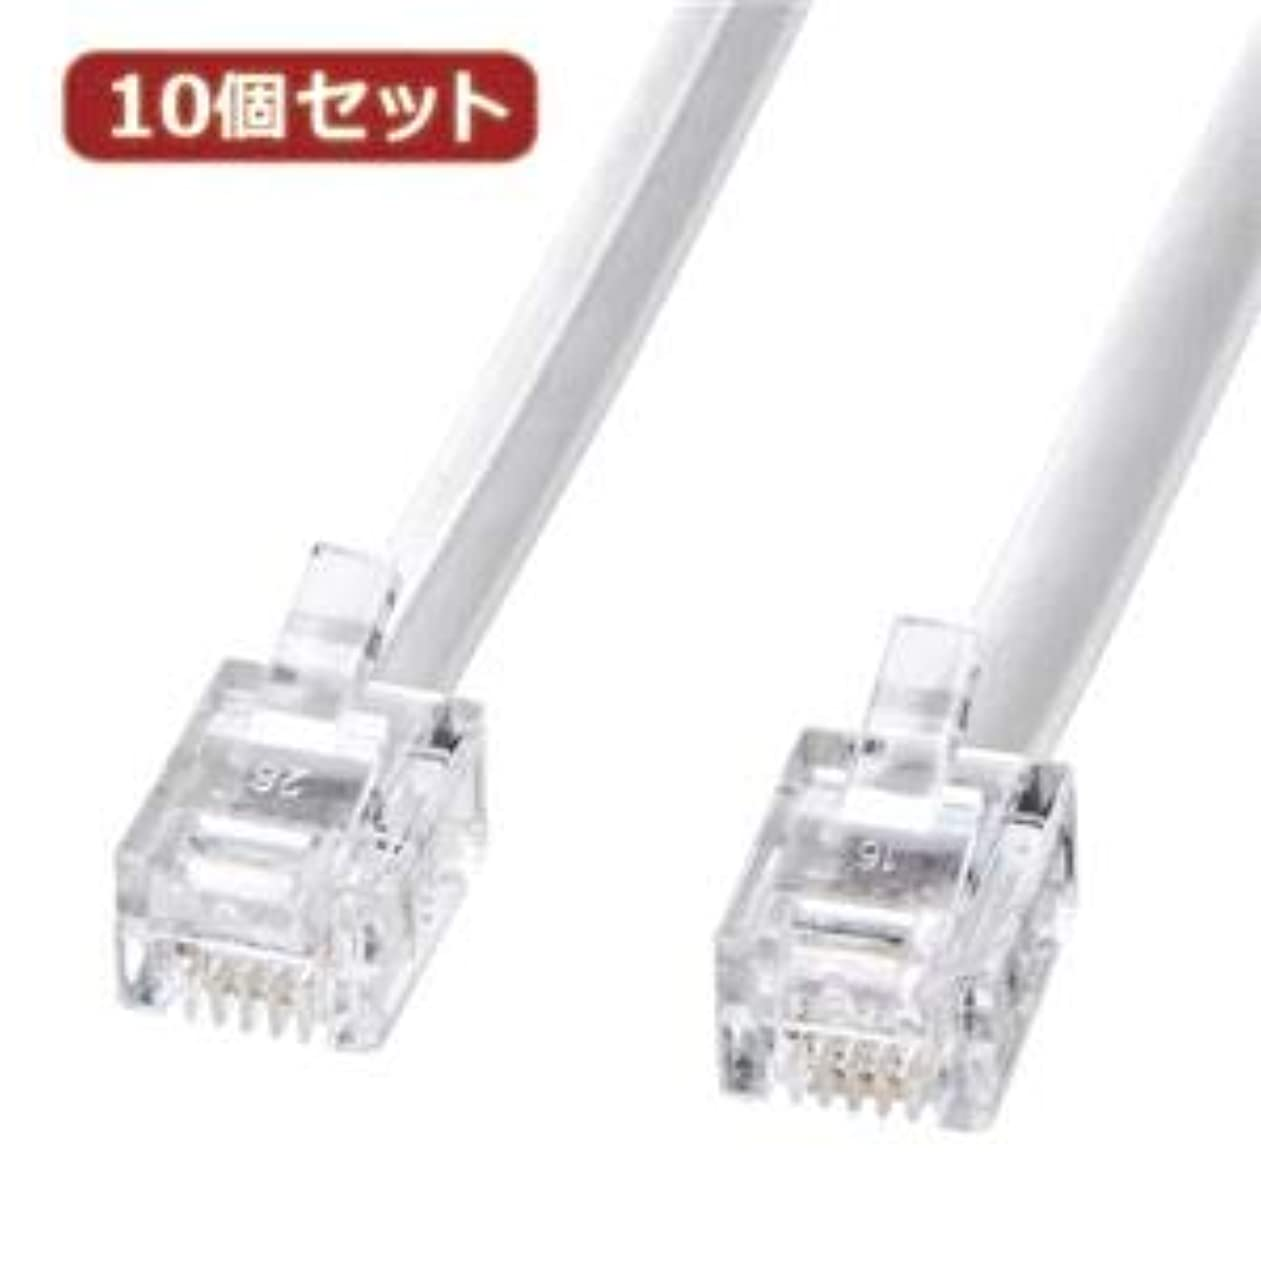 改善王朝相互10個セット サンワサプライ モジュラーケーブル(白) TEL-N1-10N2 TEL-N1-10N2X10